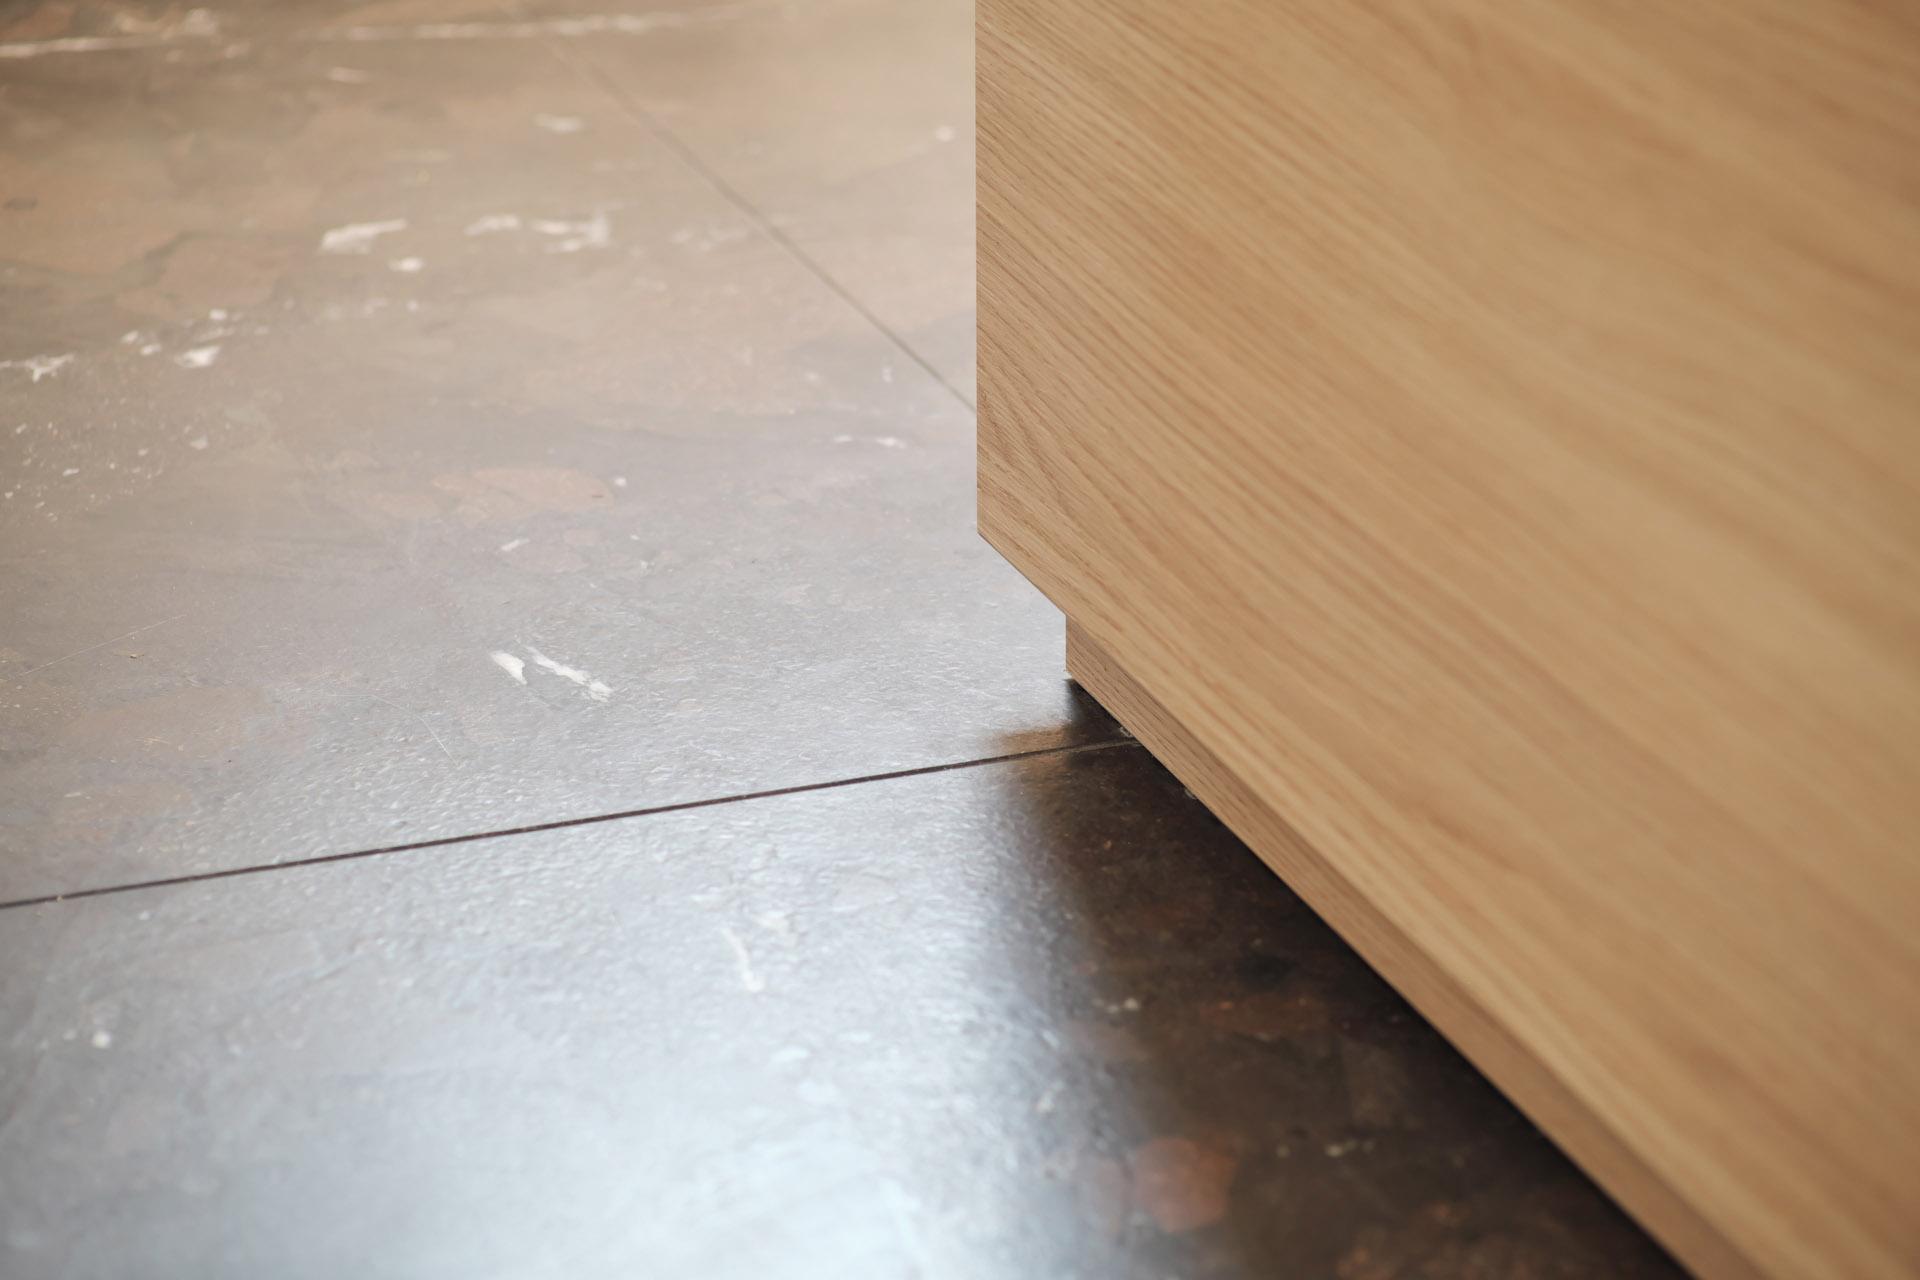 Edle Fußböden aus Naturstein - dunkelbrauner Quarzit Breccia Imperiale auf Maß zugeschnitten